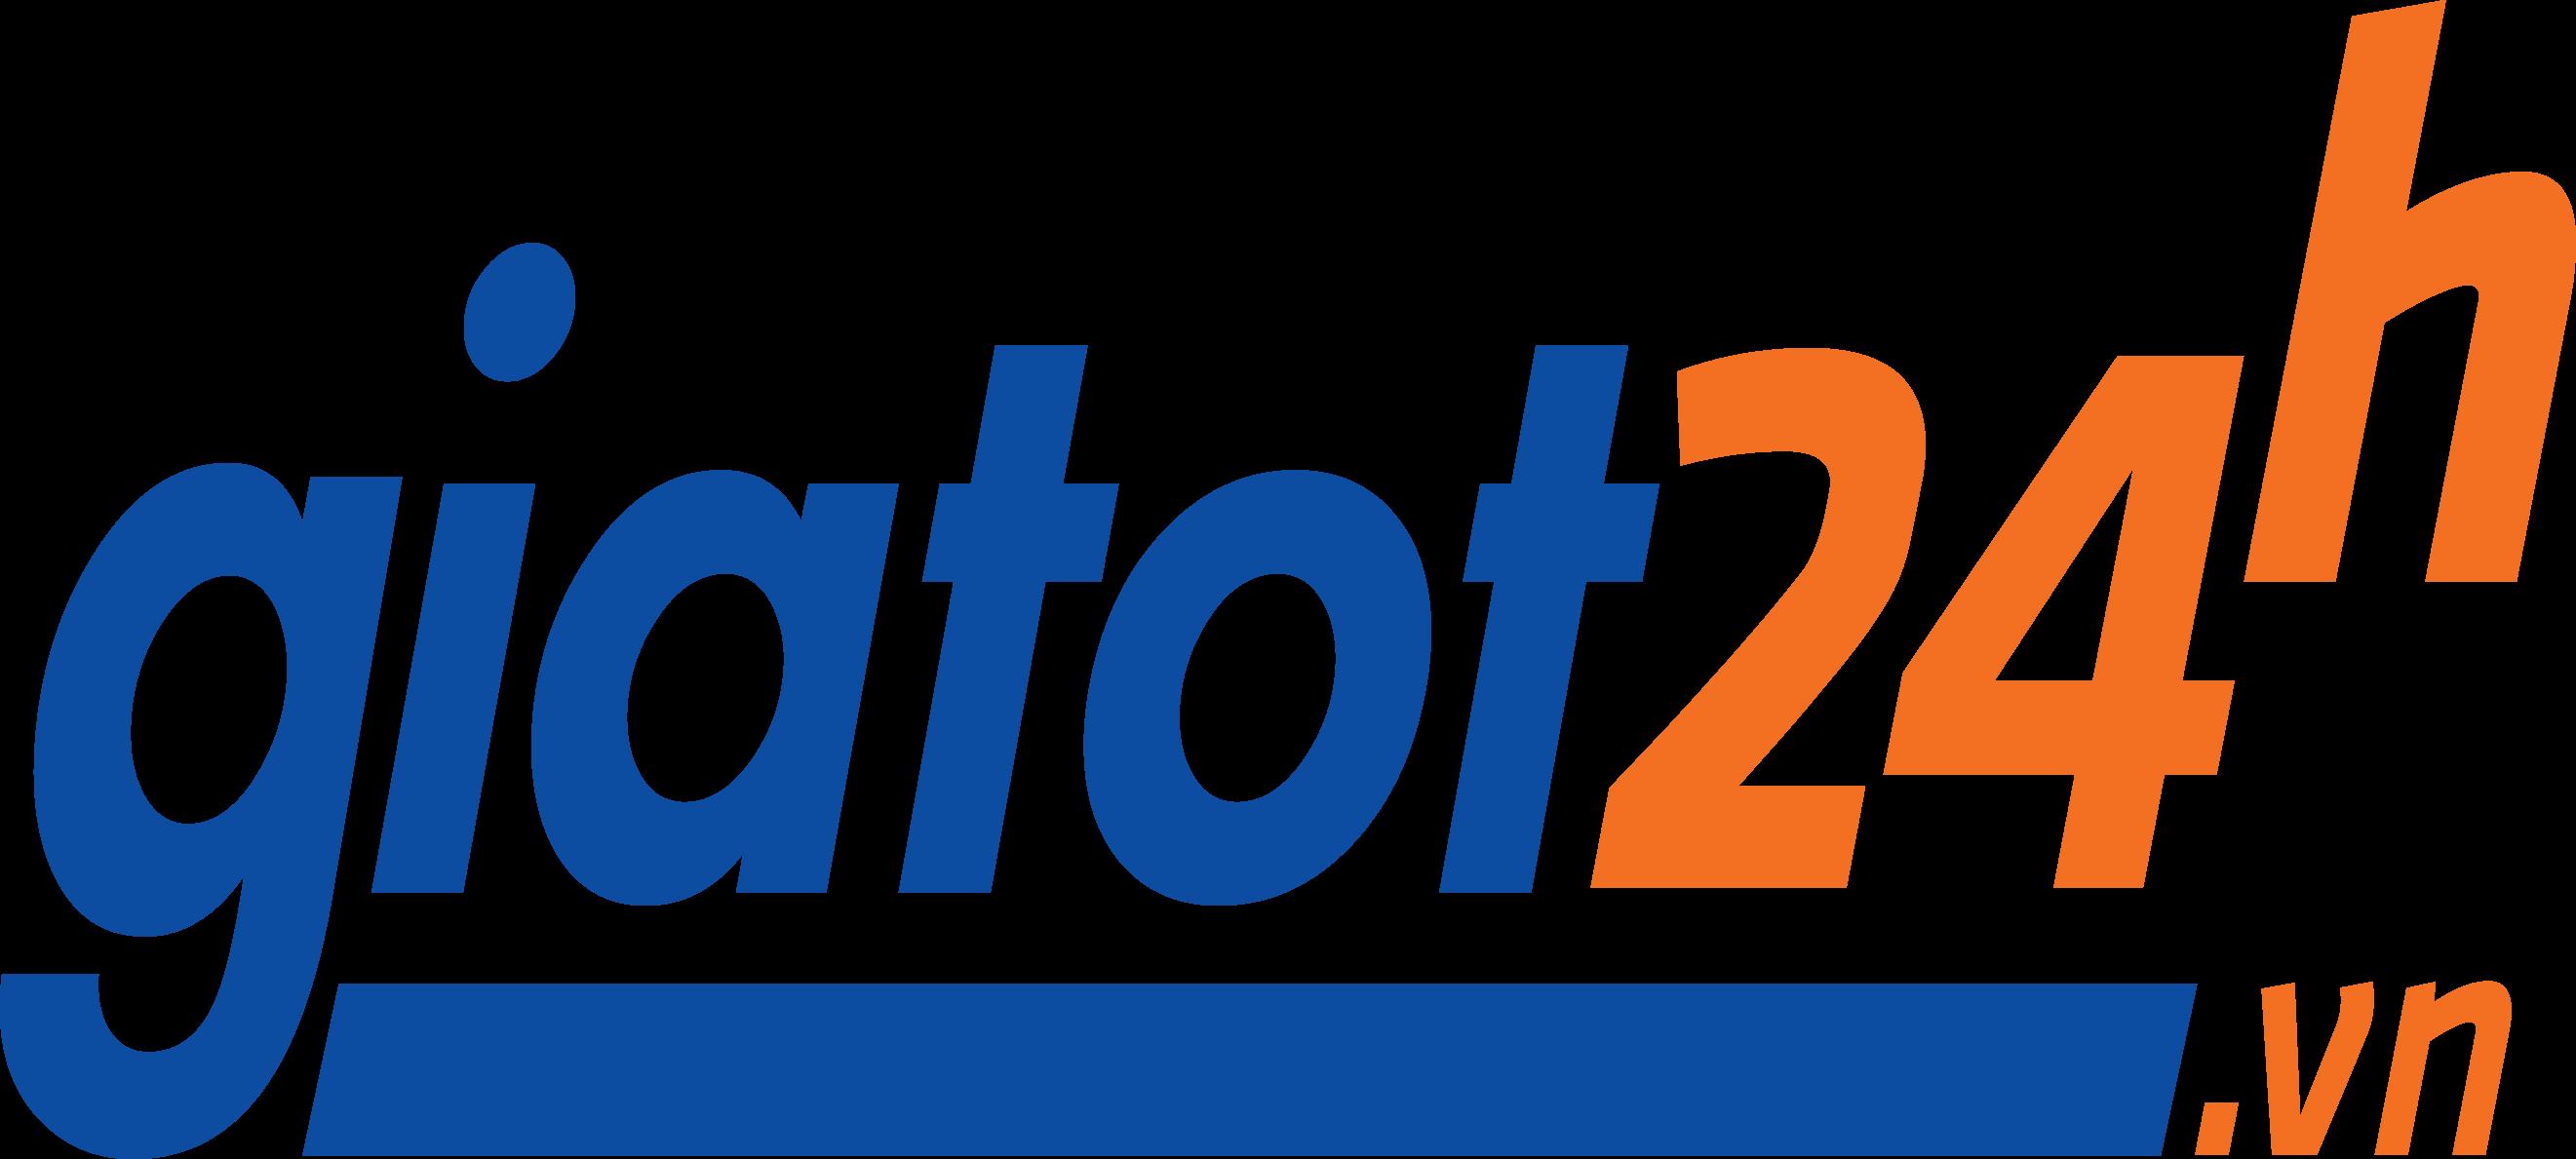 giatot24h.vn